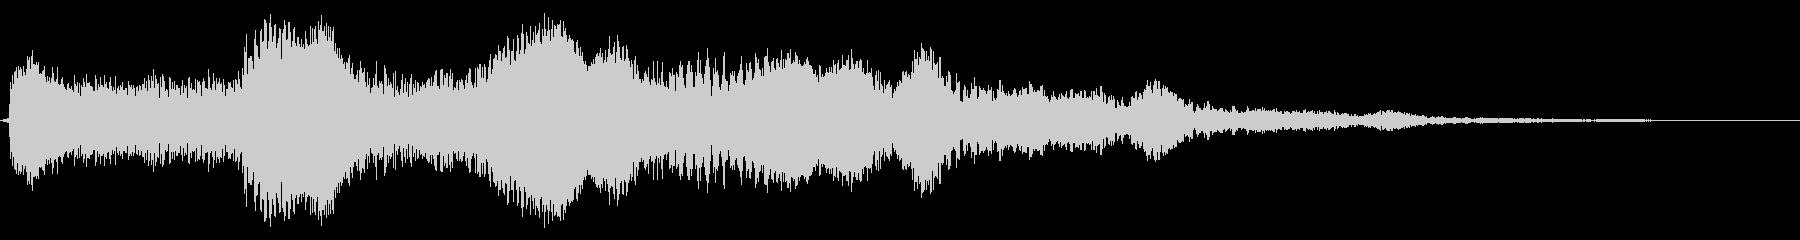 エレクトリックギター:フランジングコードの未再生の波形